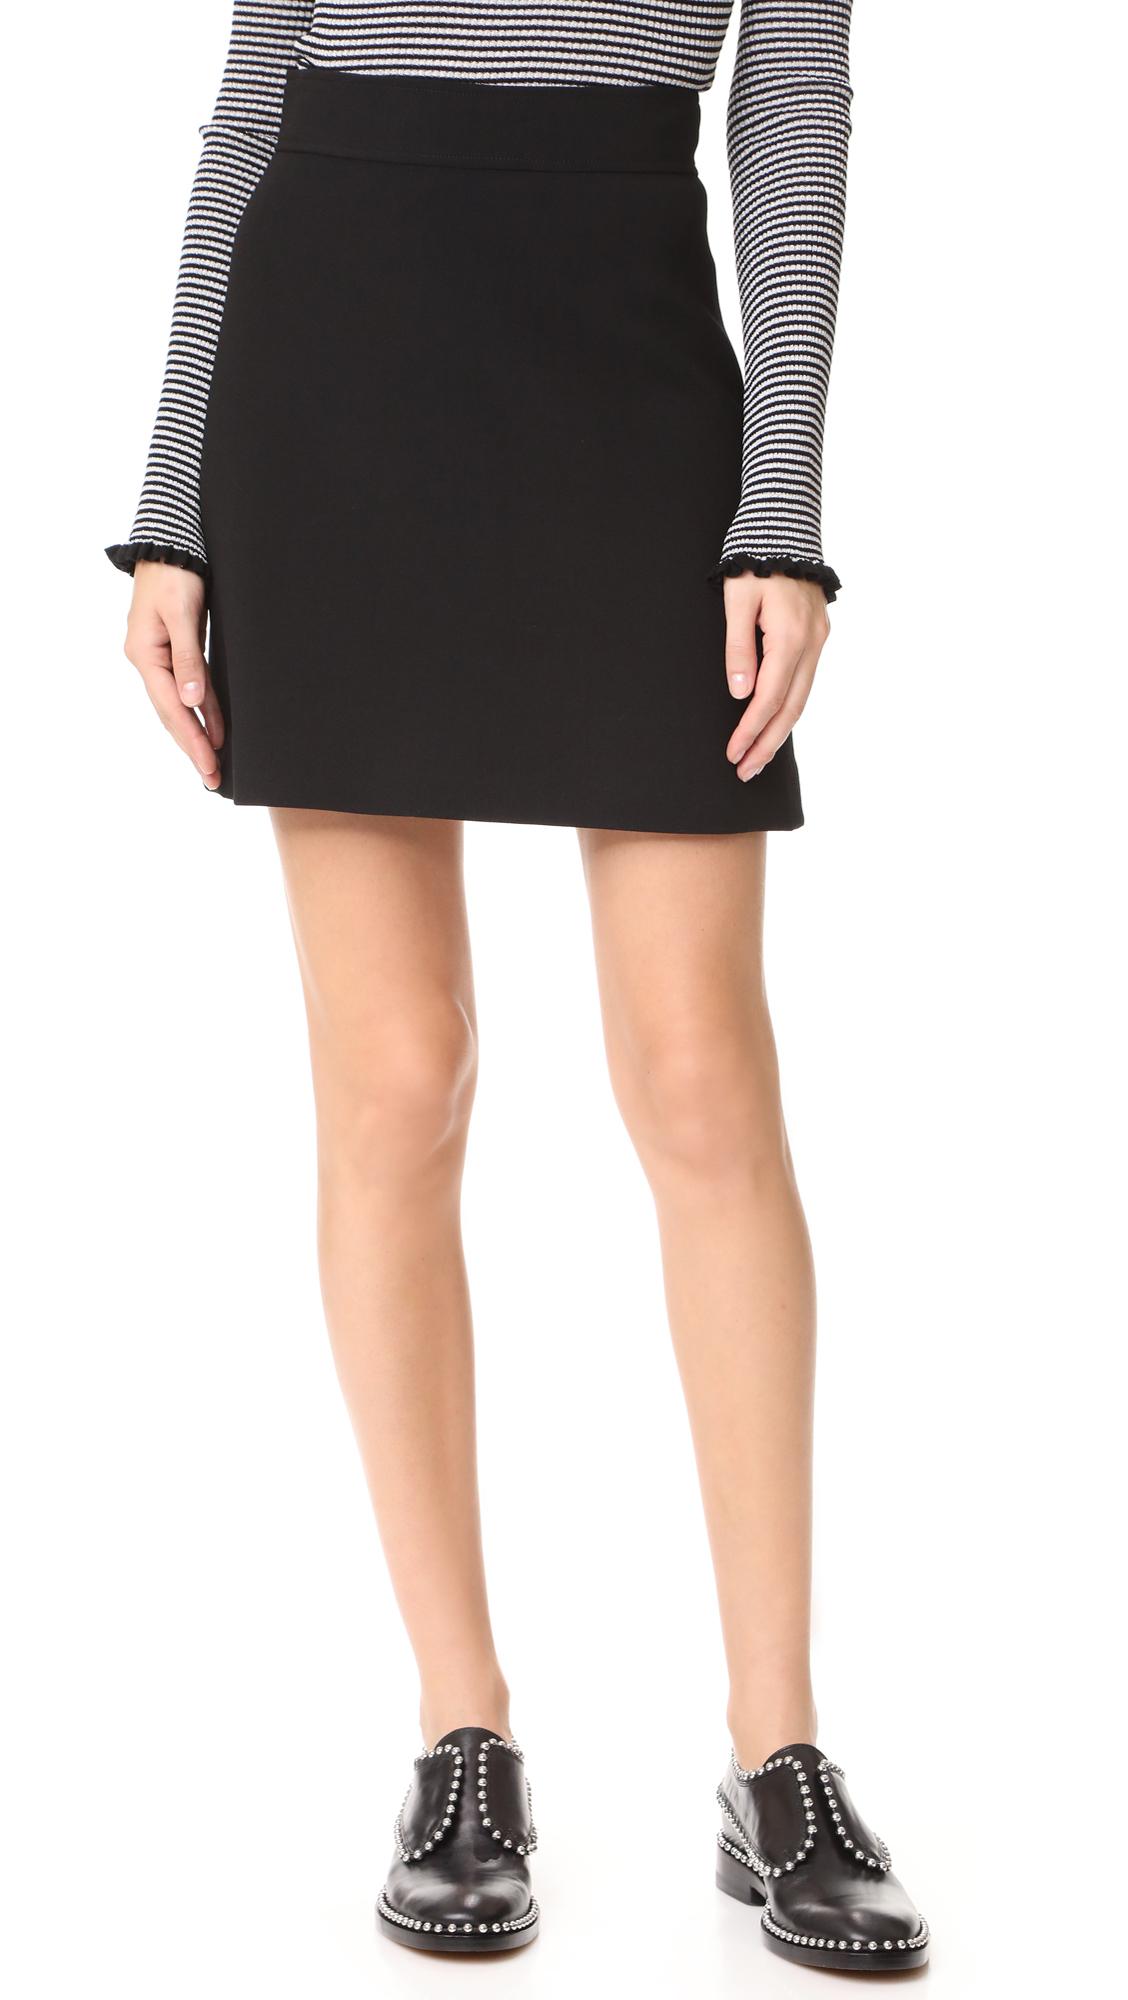 Theory Highwaist Mini B Skirt - Black